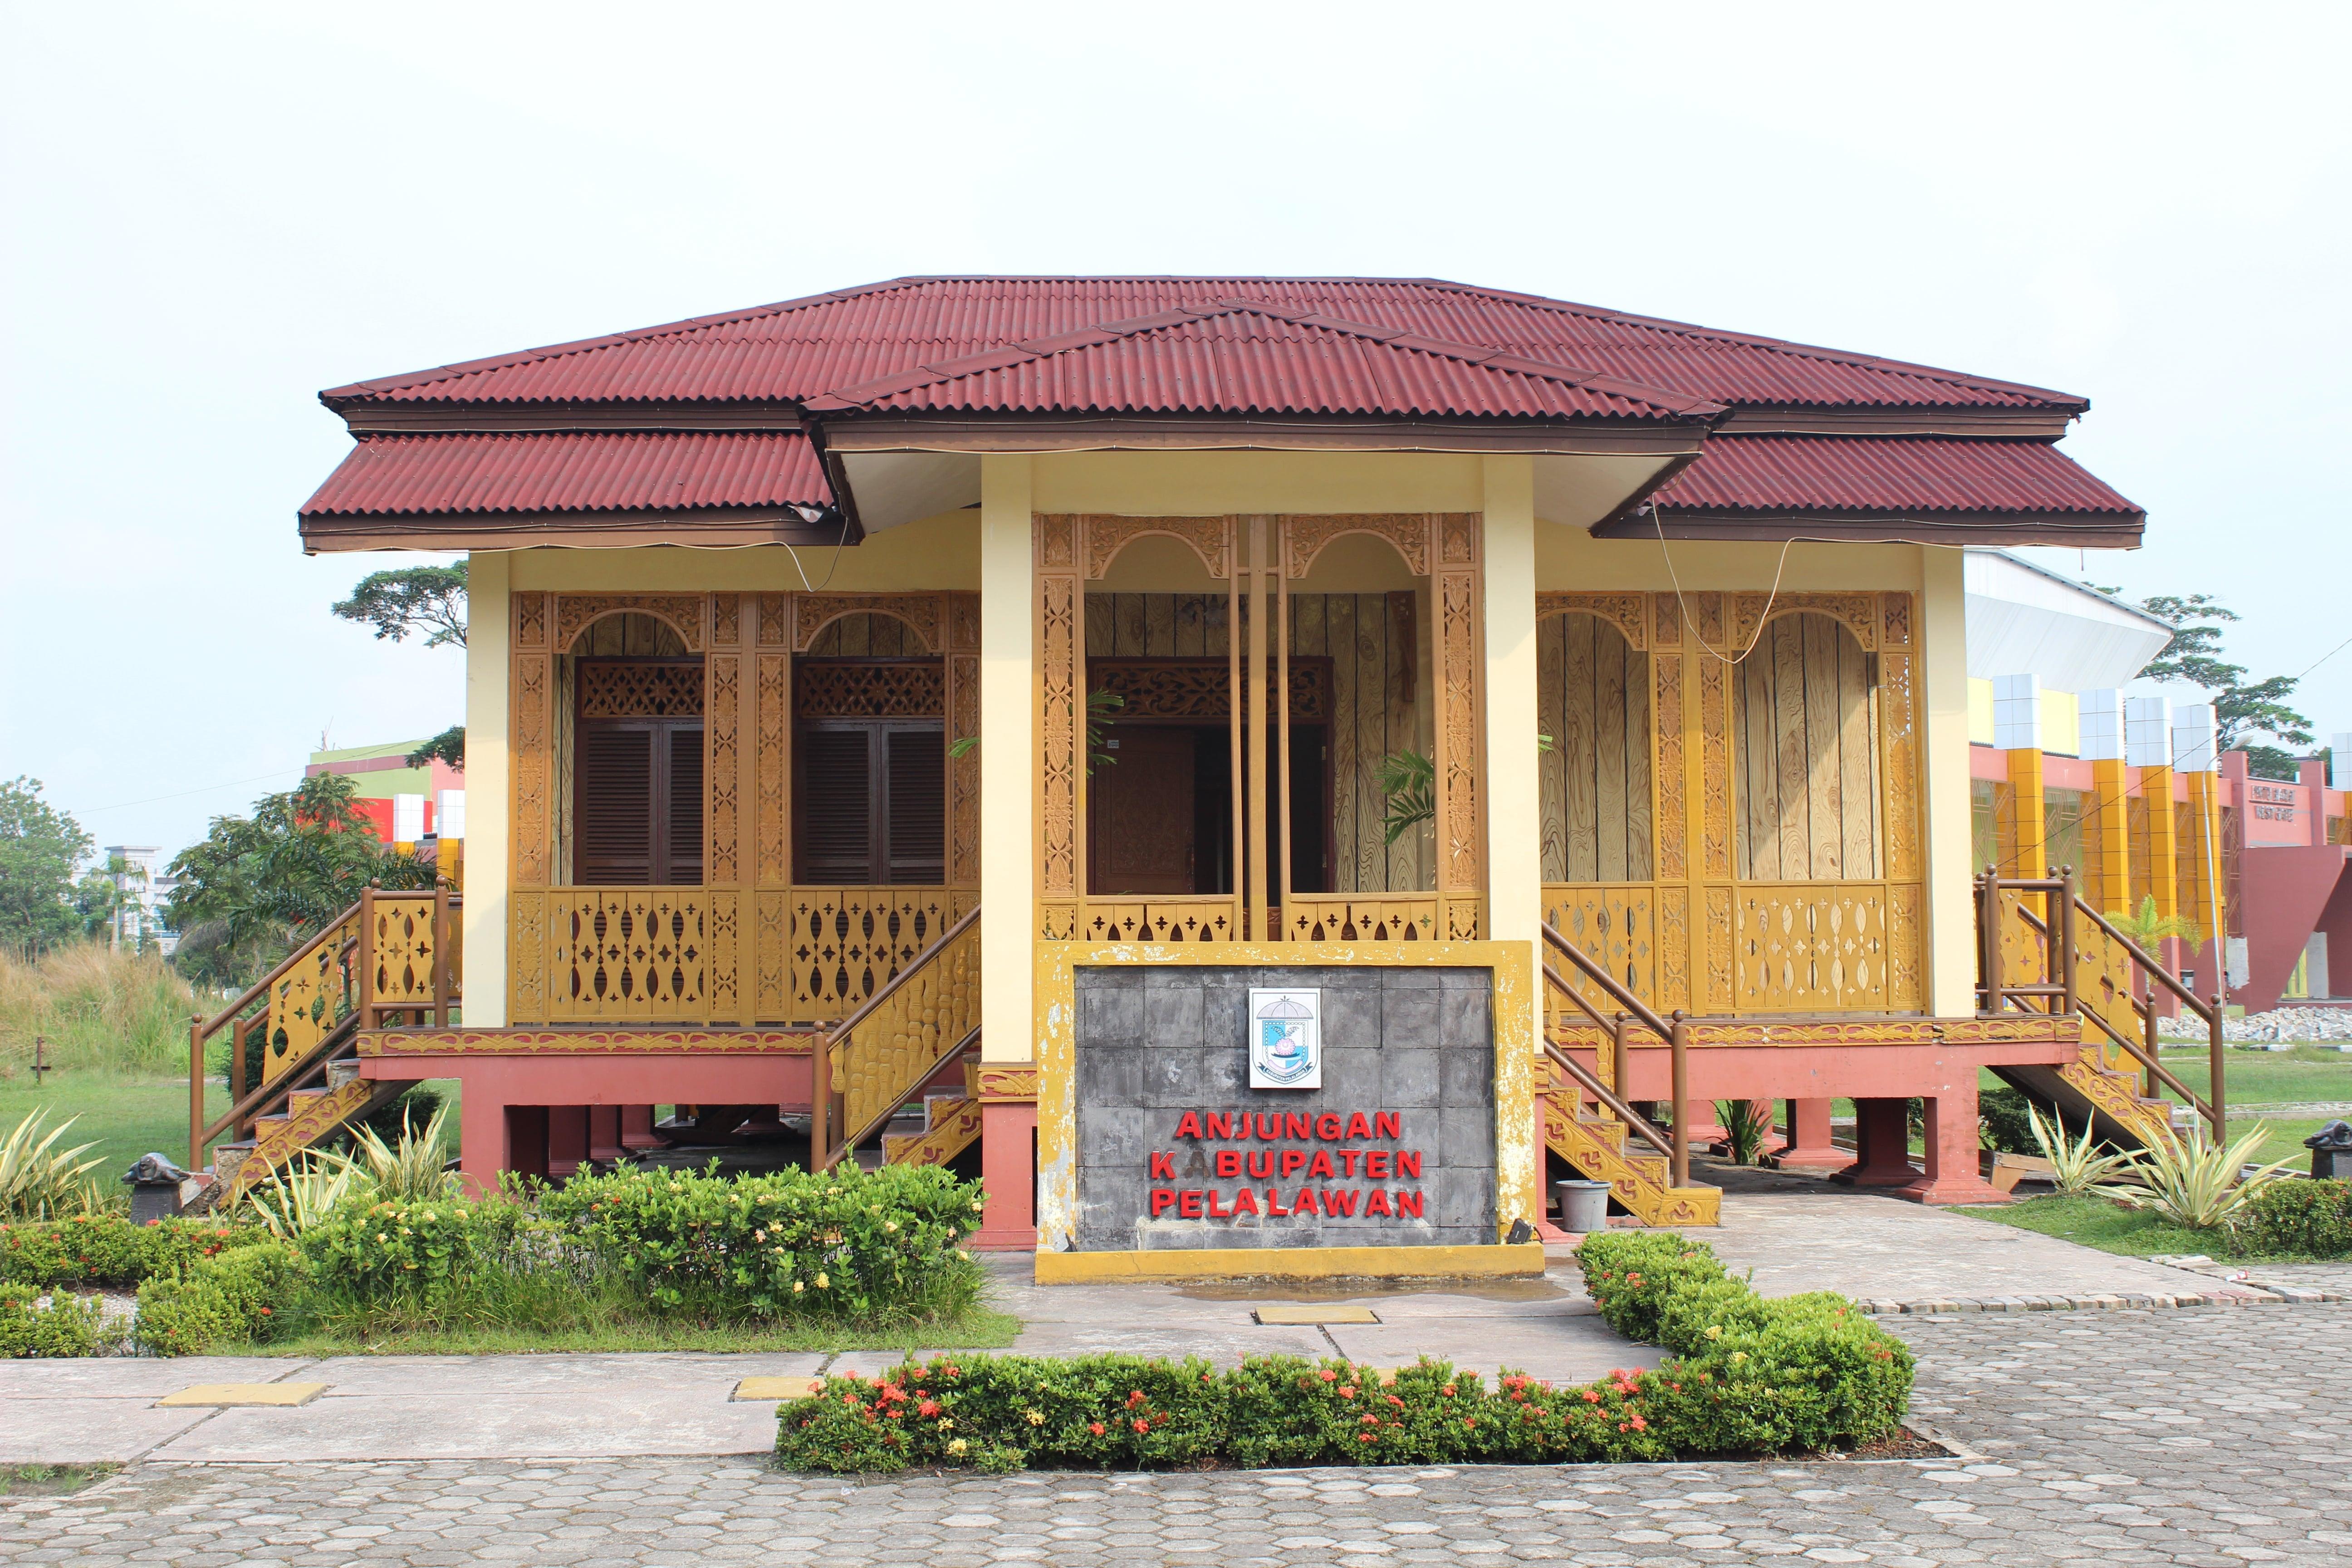 43 Contoh Desain Rumah Mewah Fizo Omar Paling Populer di Dunia